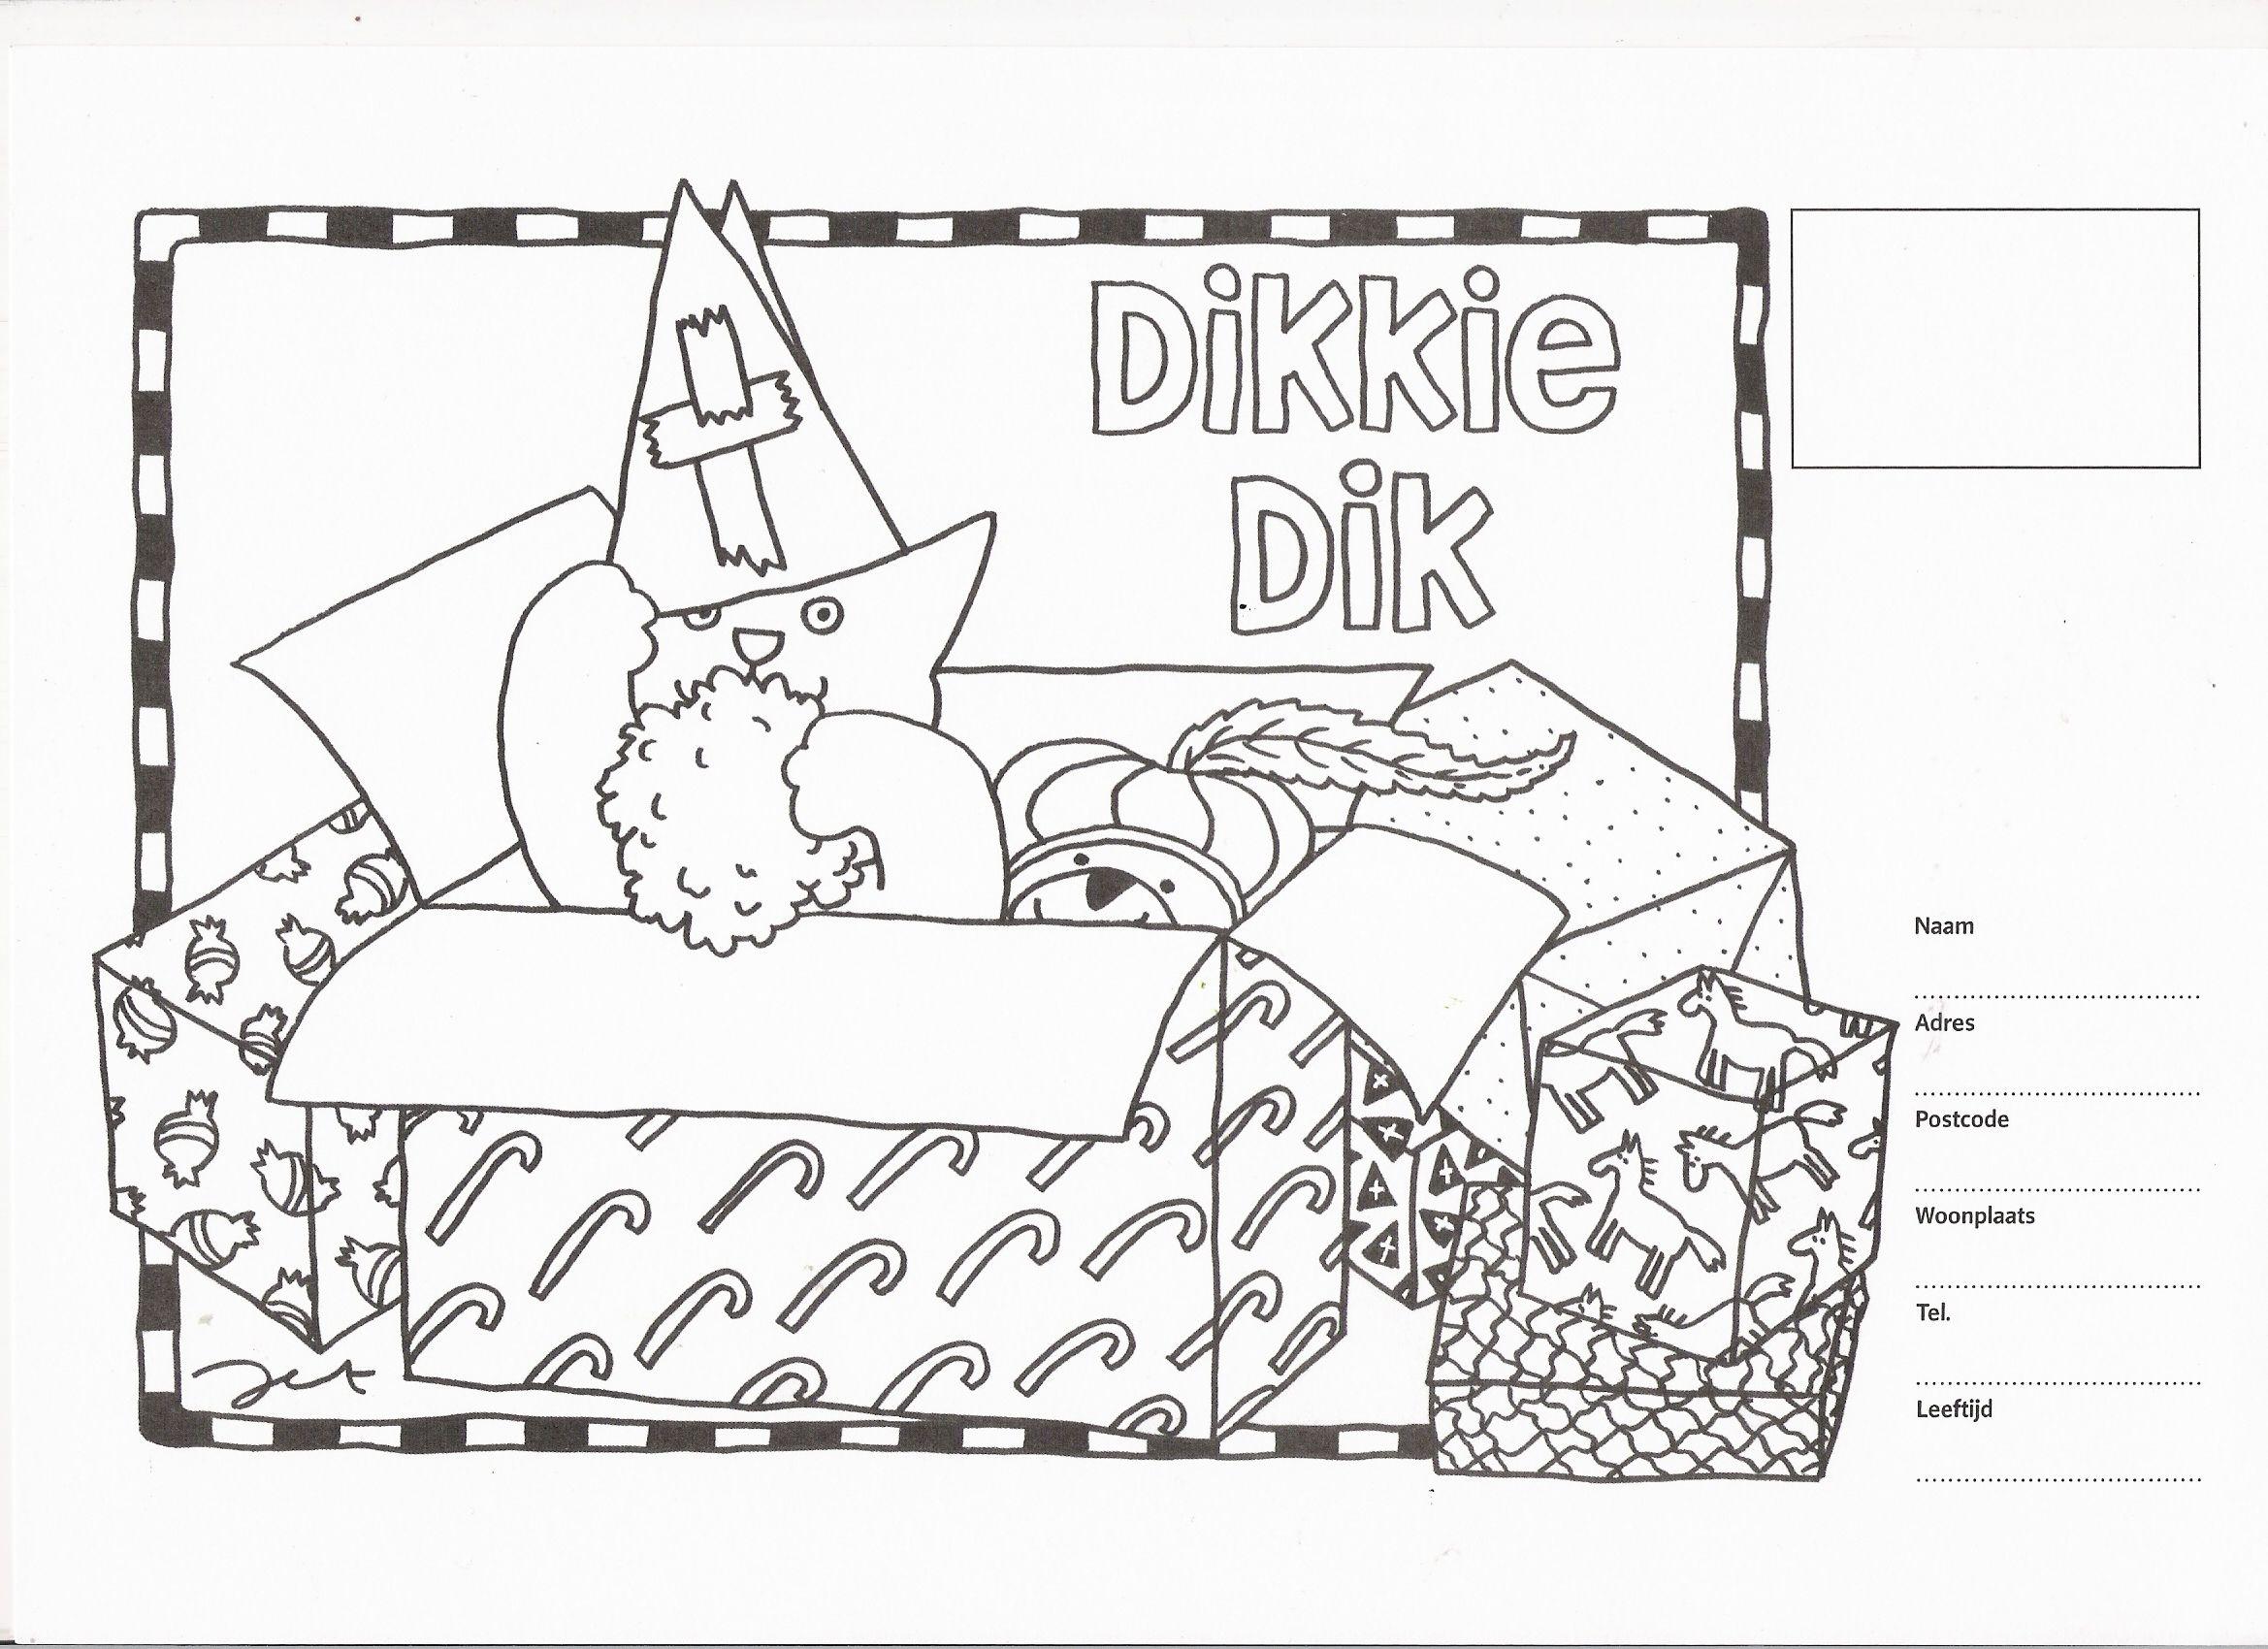 Sinterklaas Kleurplaat Dikkie Dik Kleurplaten Sinterklaas Sesamstraat